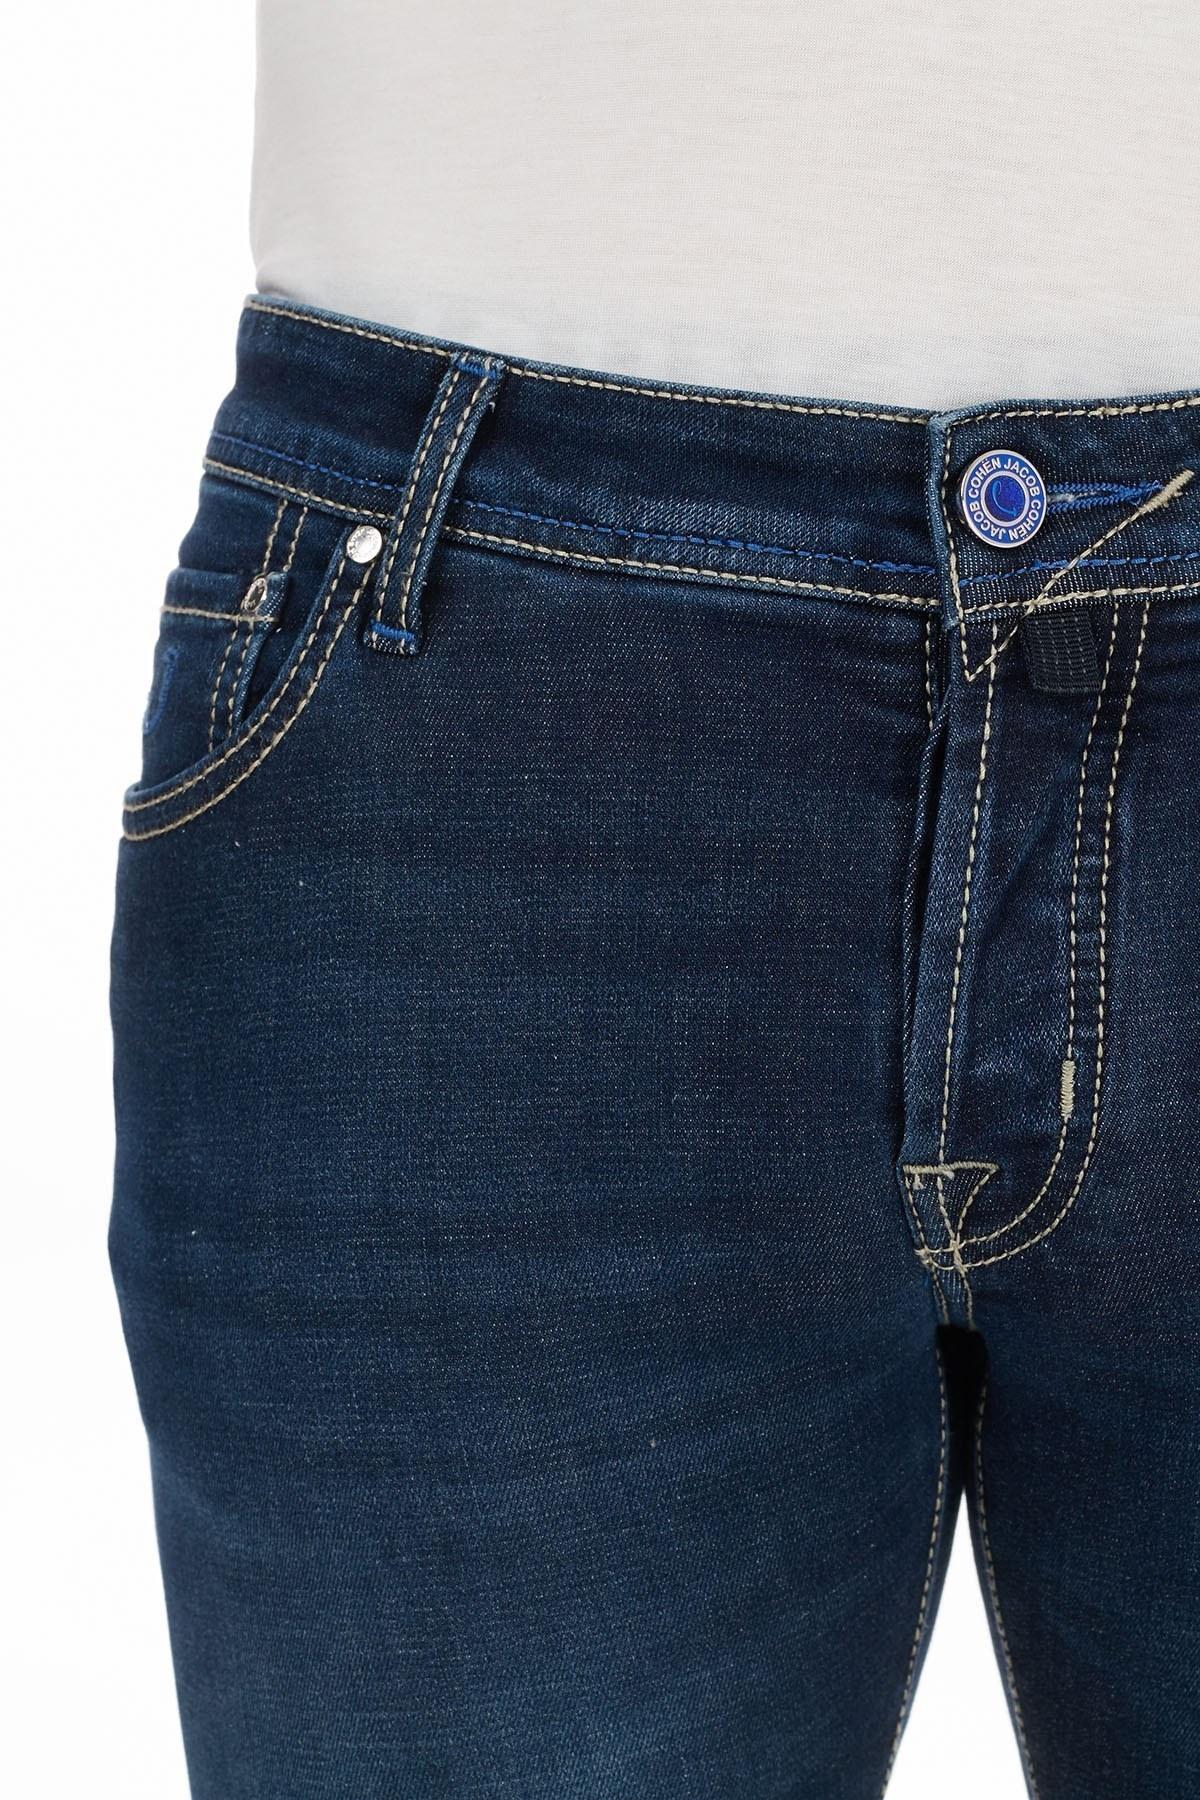 Jacob Cohen Slim Fit Pamuklu Jeans Erkek Kot Pantolon J622 SLIM 02050W1 LACİVERT